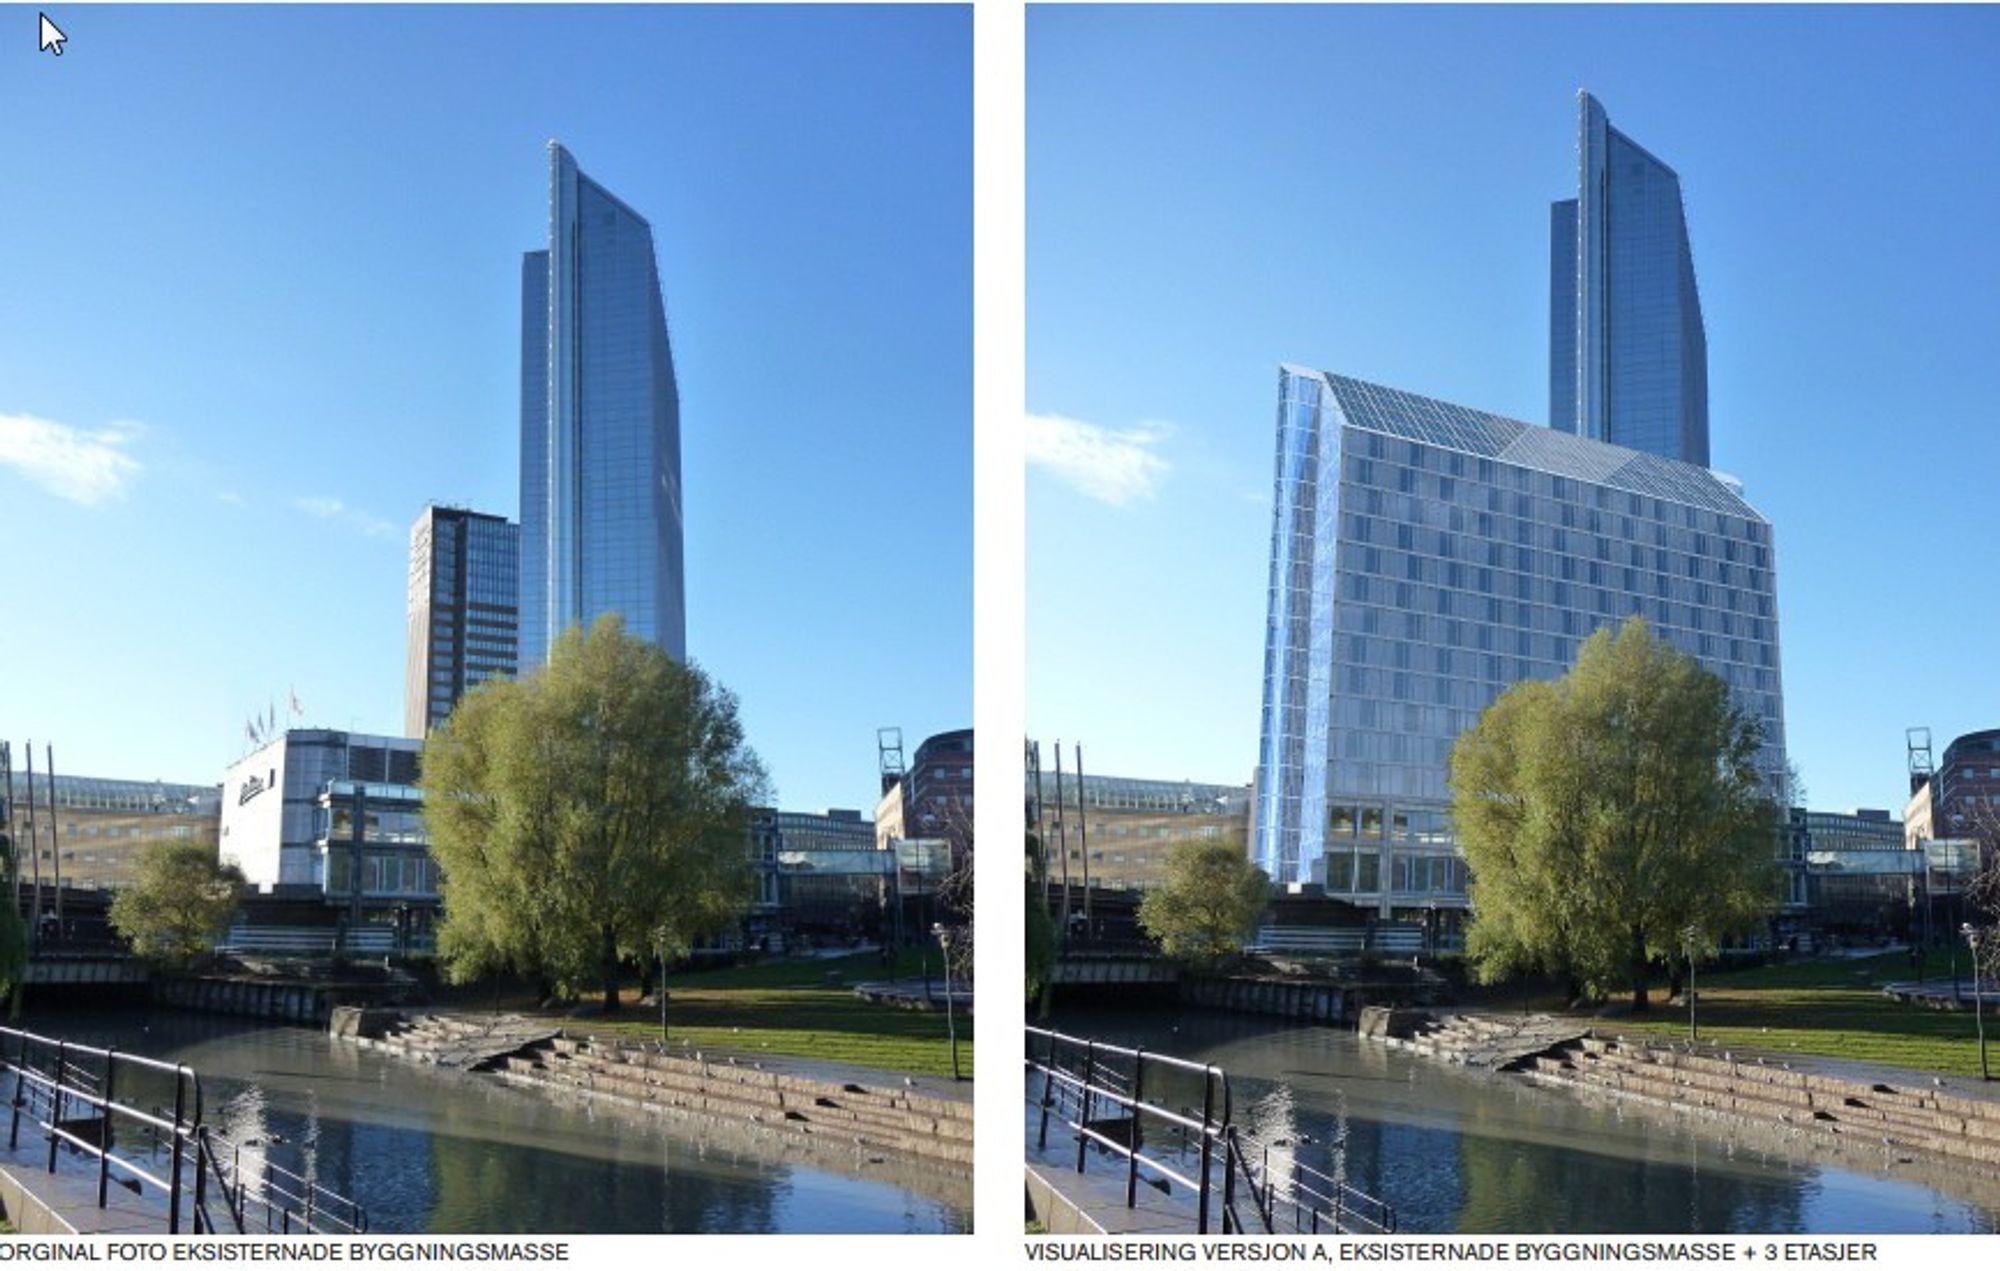 Dersom planene realiseres vil Oslo Plaza bli Skandinavias største hotell målt i antall rom. Her orginalt foto av eksisterende bygg og visualisering av eiernes høyeste forslag.